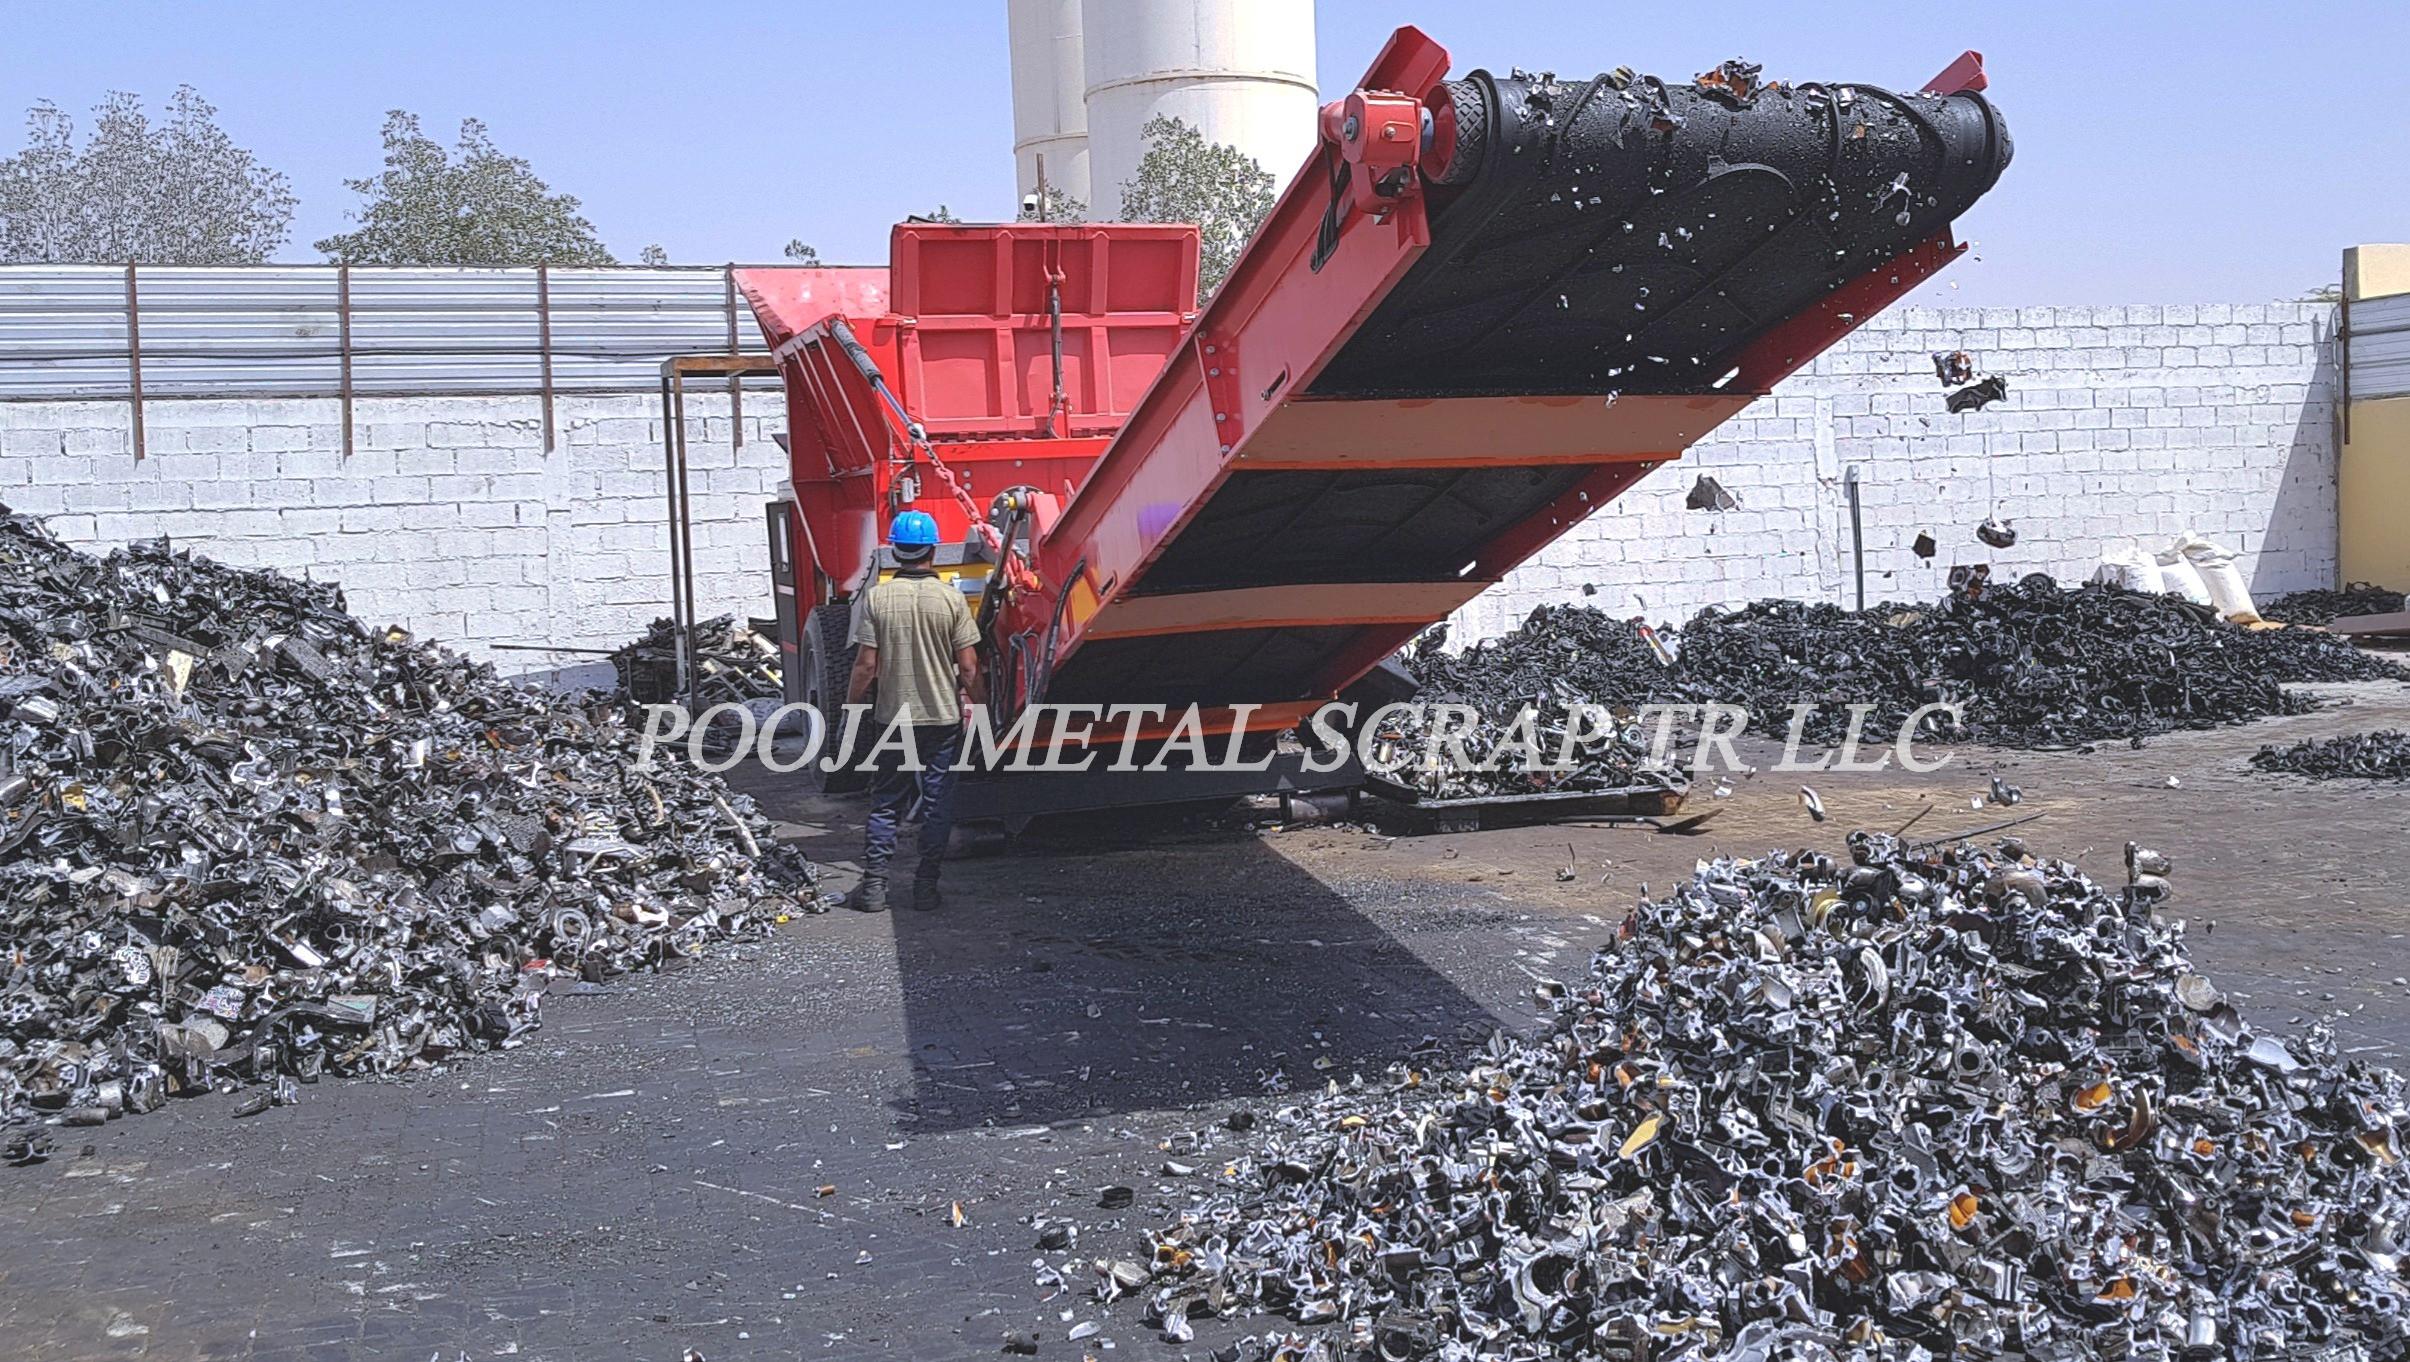 Aluminium scrap Trump /Tense   Sharjah   POOJA METAL SCRAP